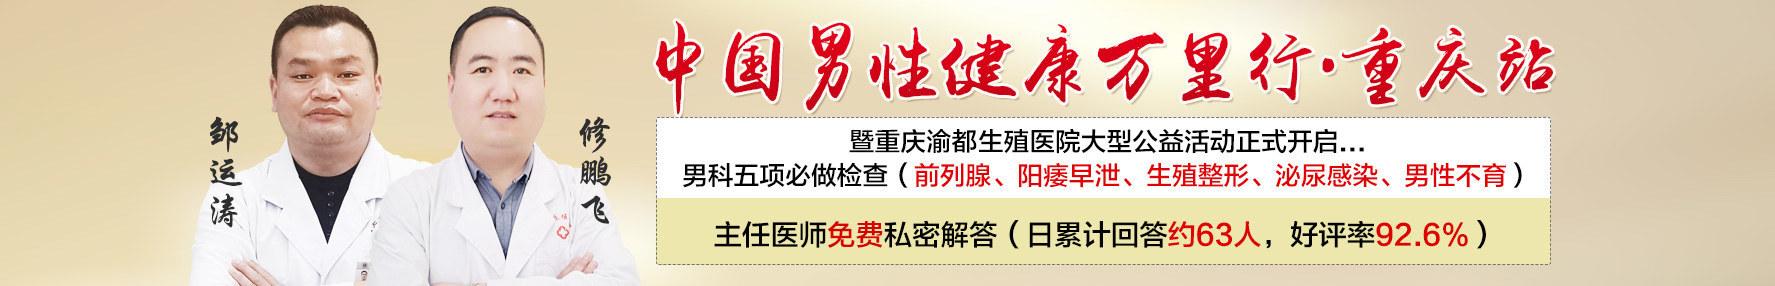 重庆男色天使在线视频在线视频偷国产精品